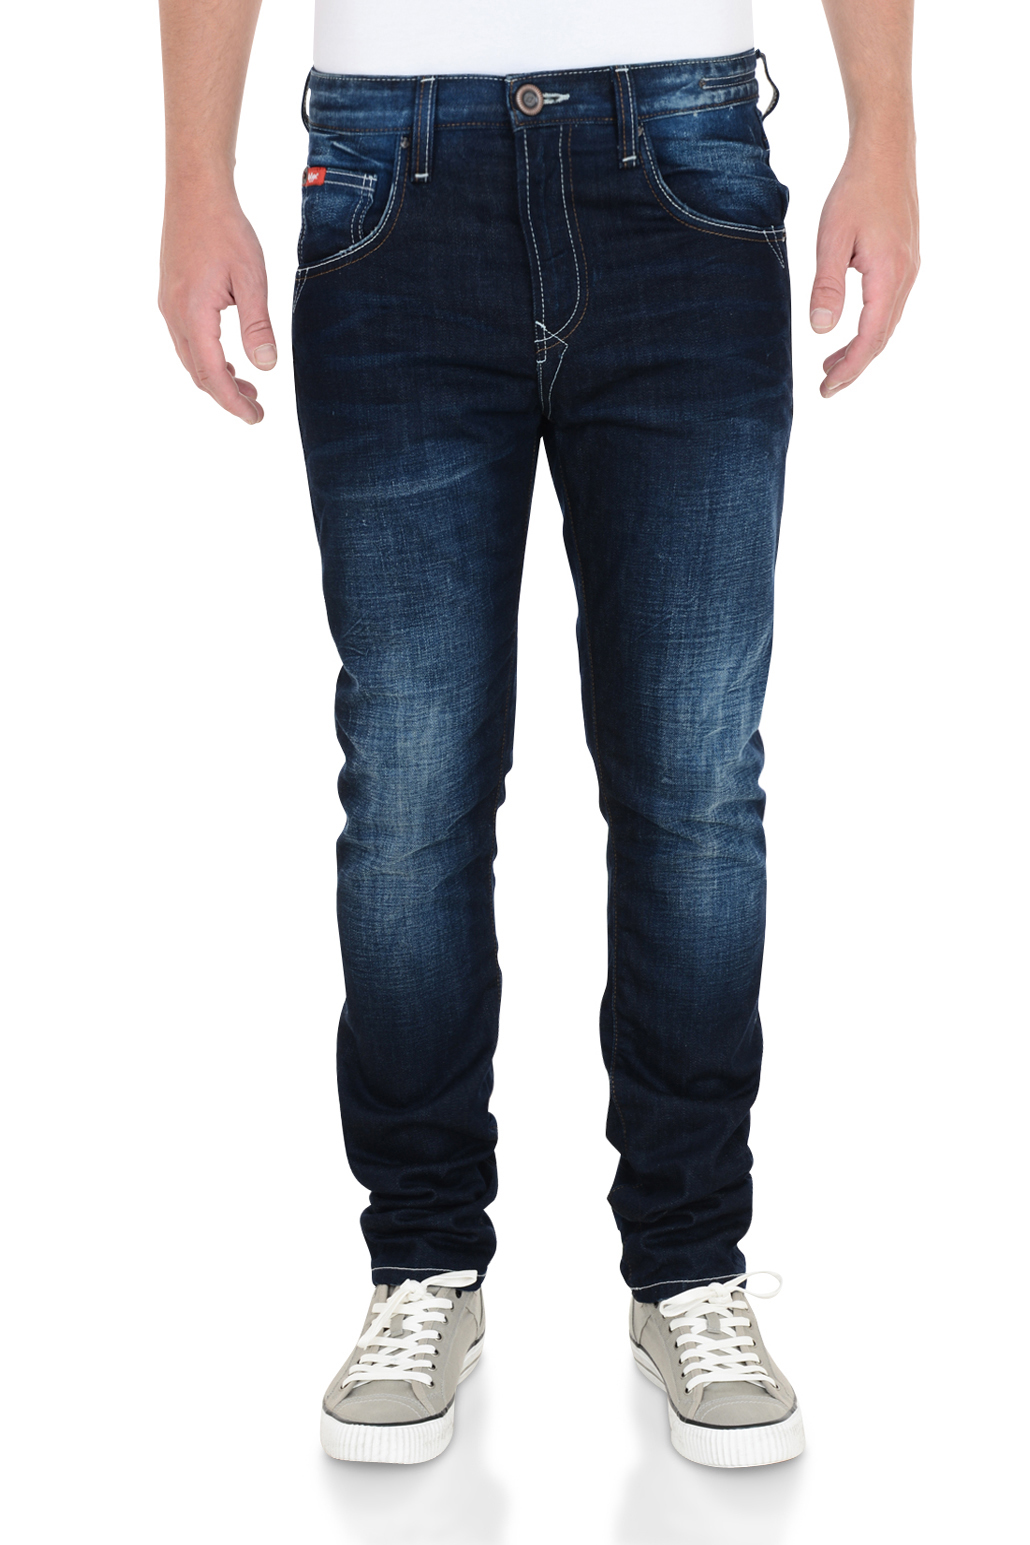 174b84ec Click on the Image to Enlarge. More Details. Lee Cooper Norris Slim Fit  men's Mid Wash jeans.